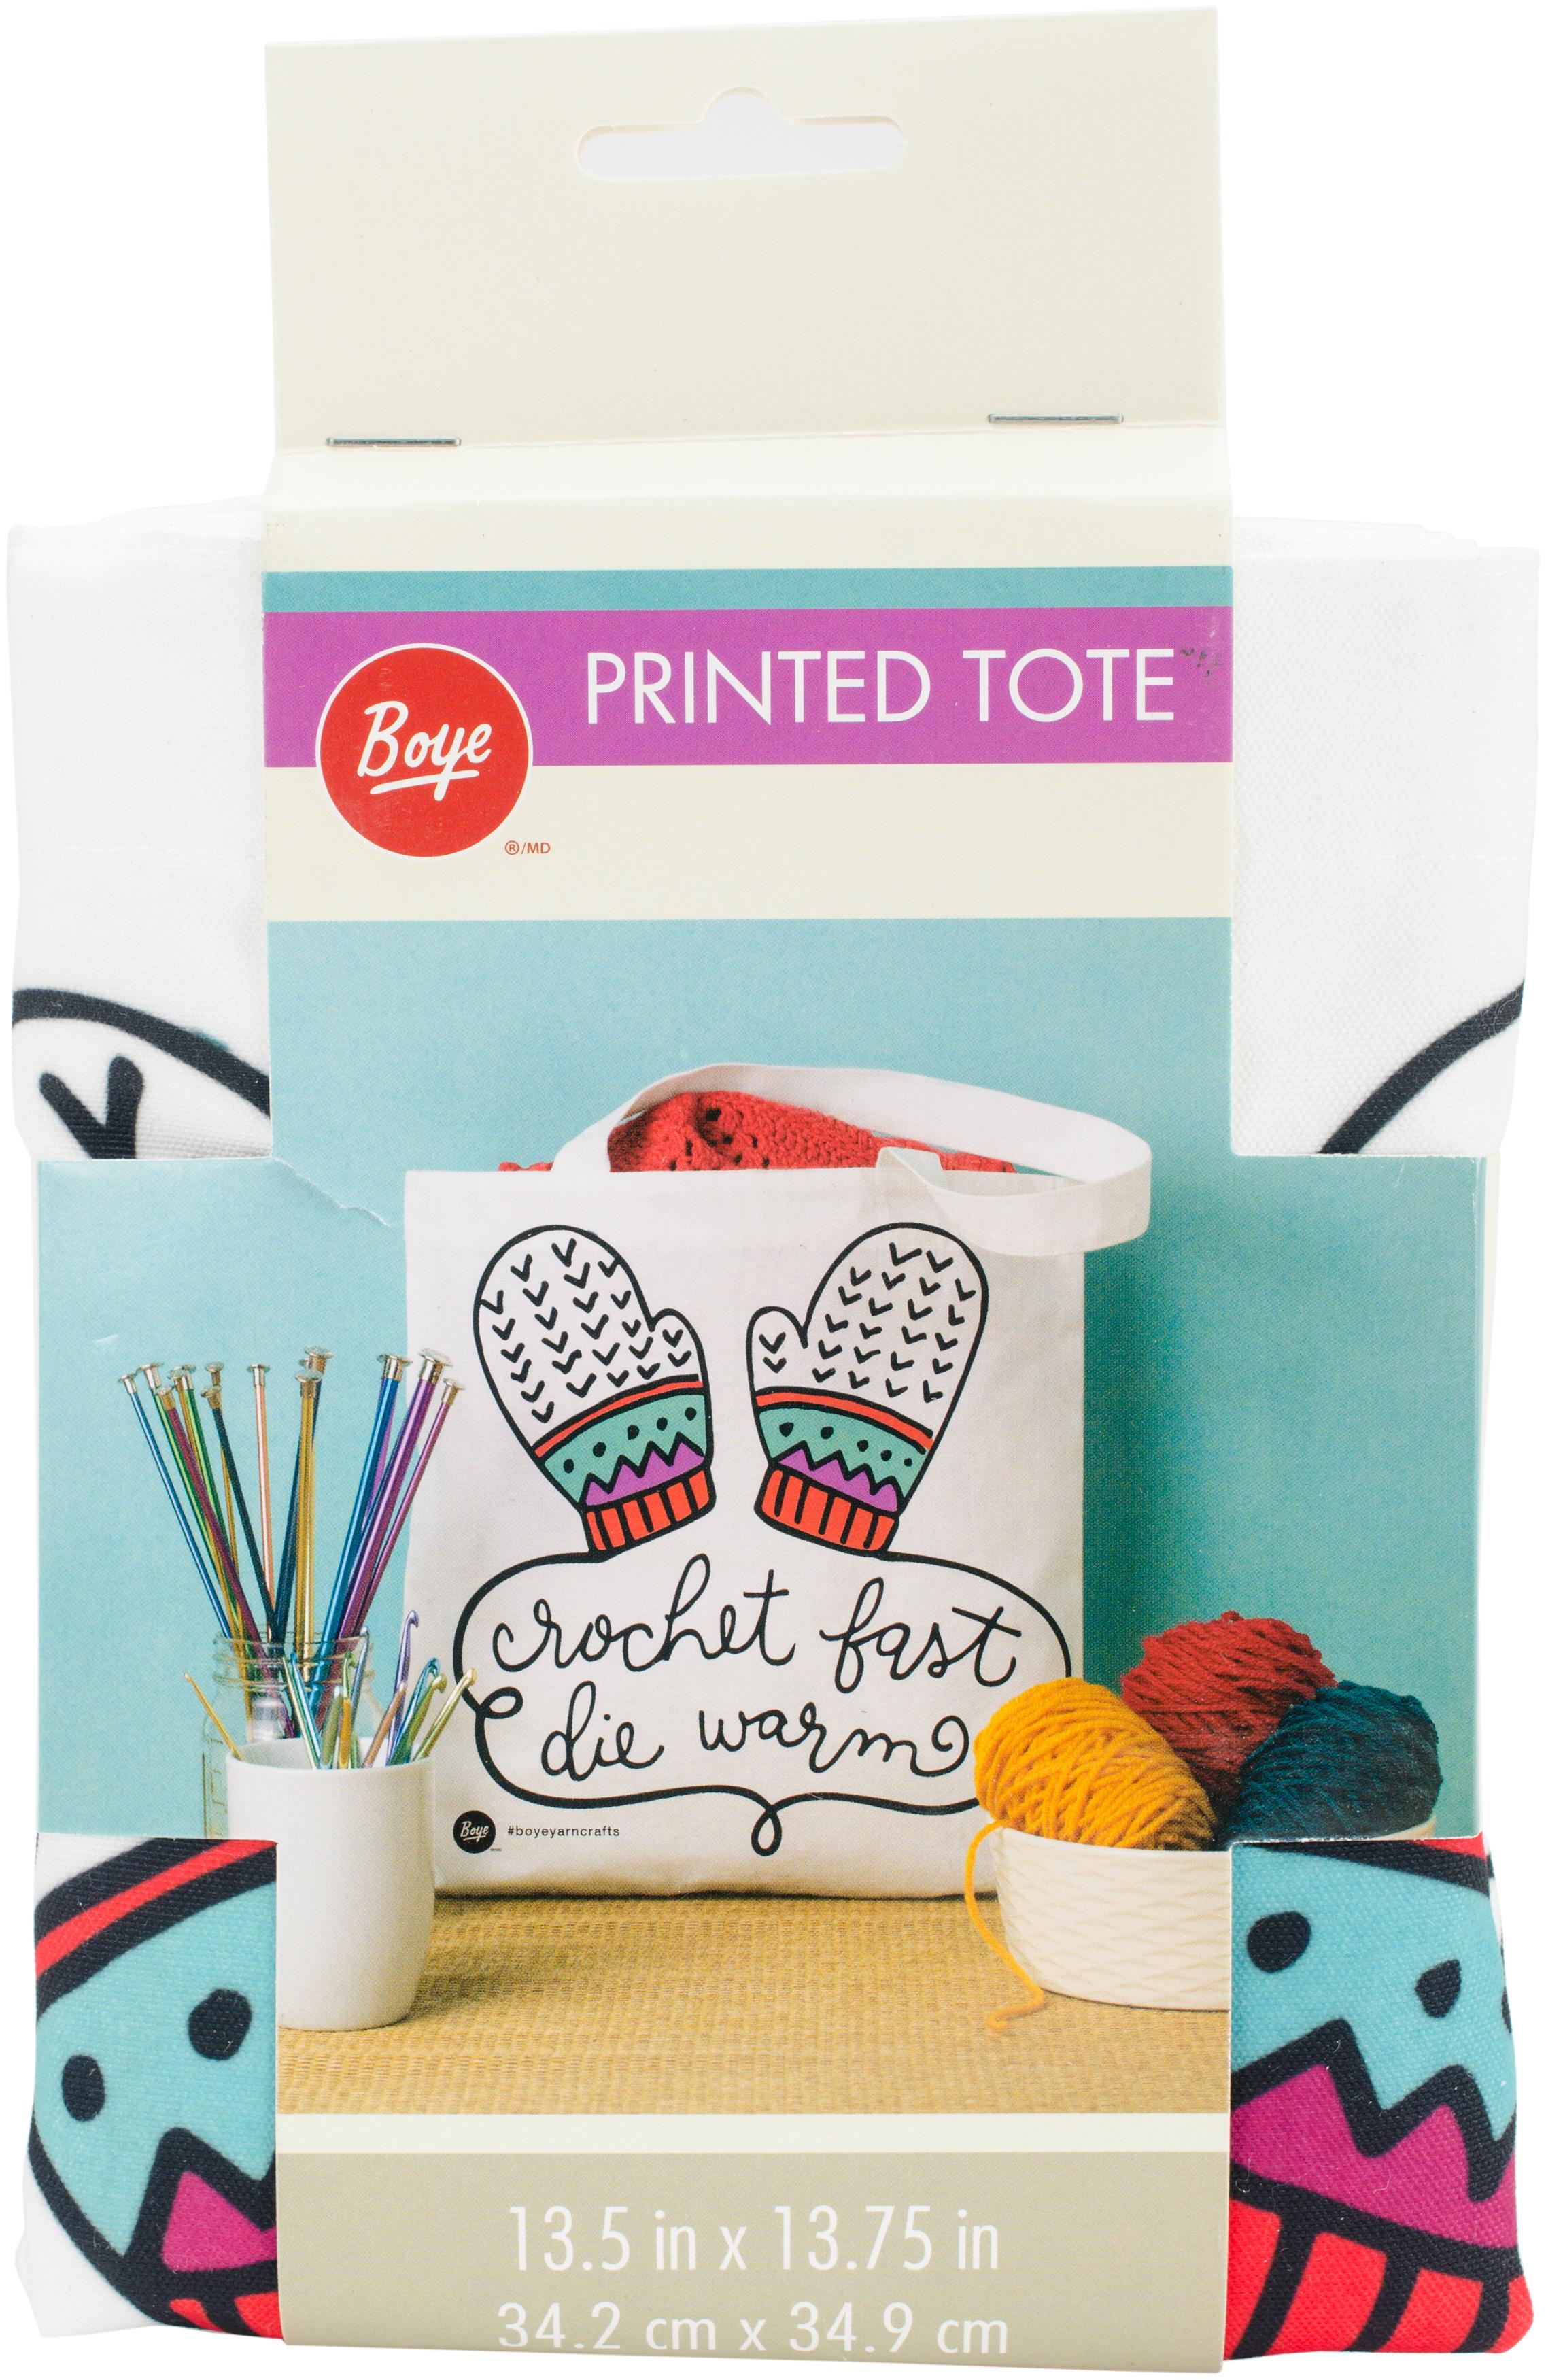 Crochet Fast Tote (Boye)